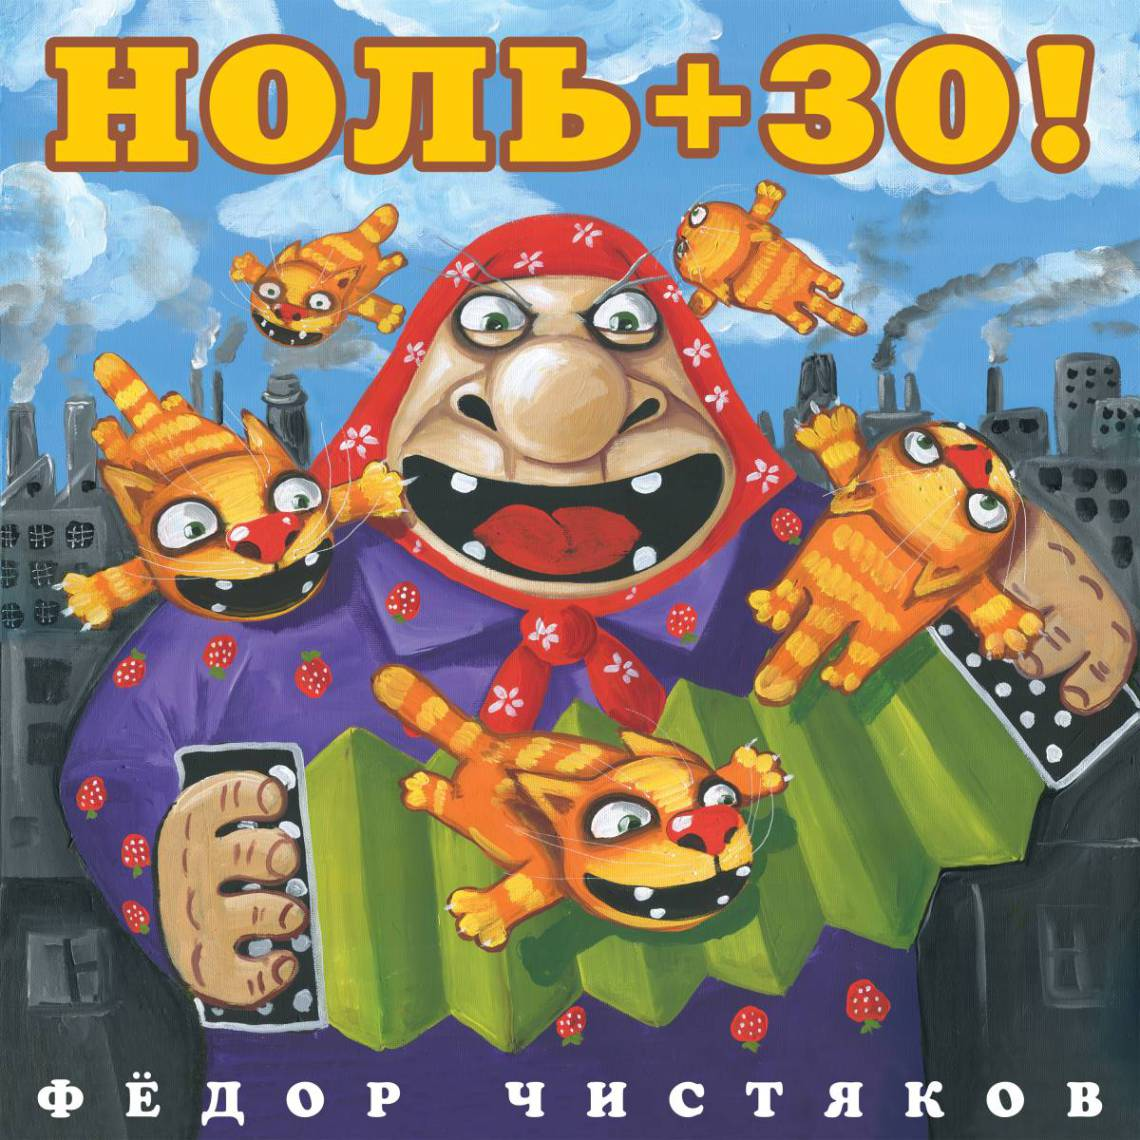 Федор Чистяков: Ноль + 30! (CD)Представляем вашему вниманию альбом Федор Чистяков. Ноль + 30!, целиком и полностью посвященный тридцатилетию записи дебютной пластинки легендарной группы Ноль.<br>